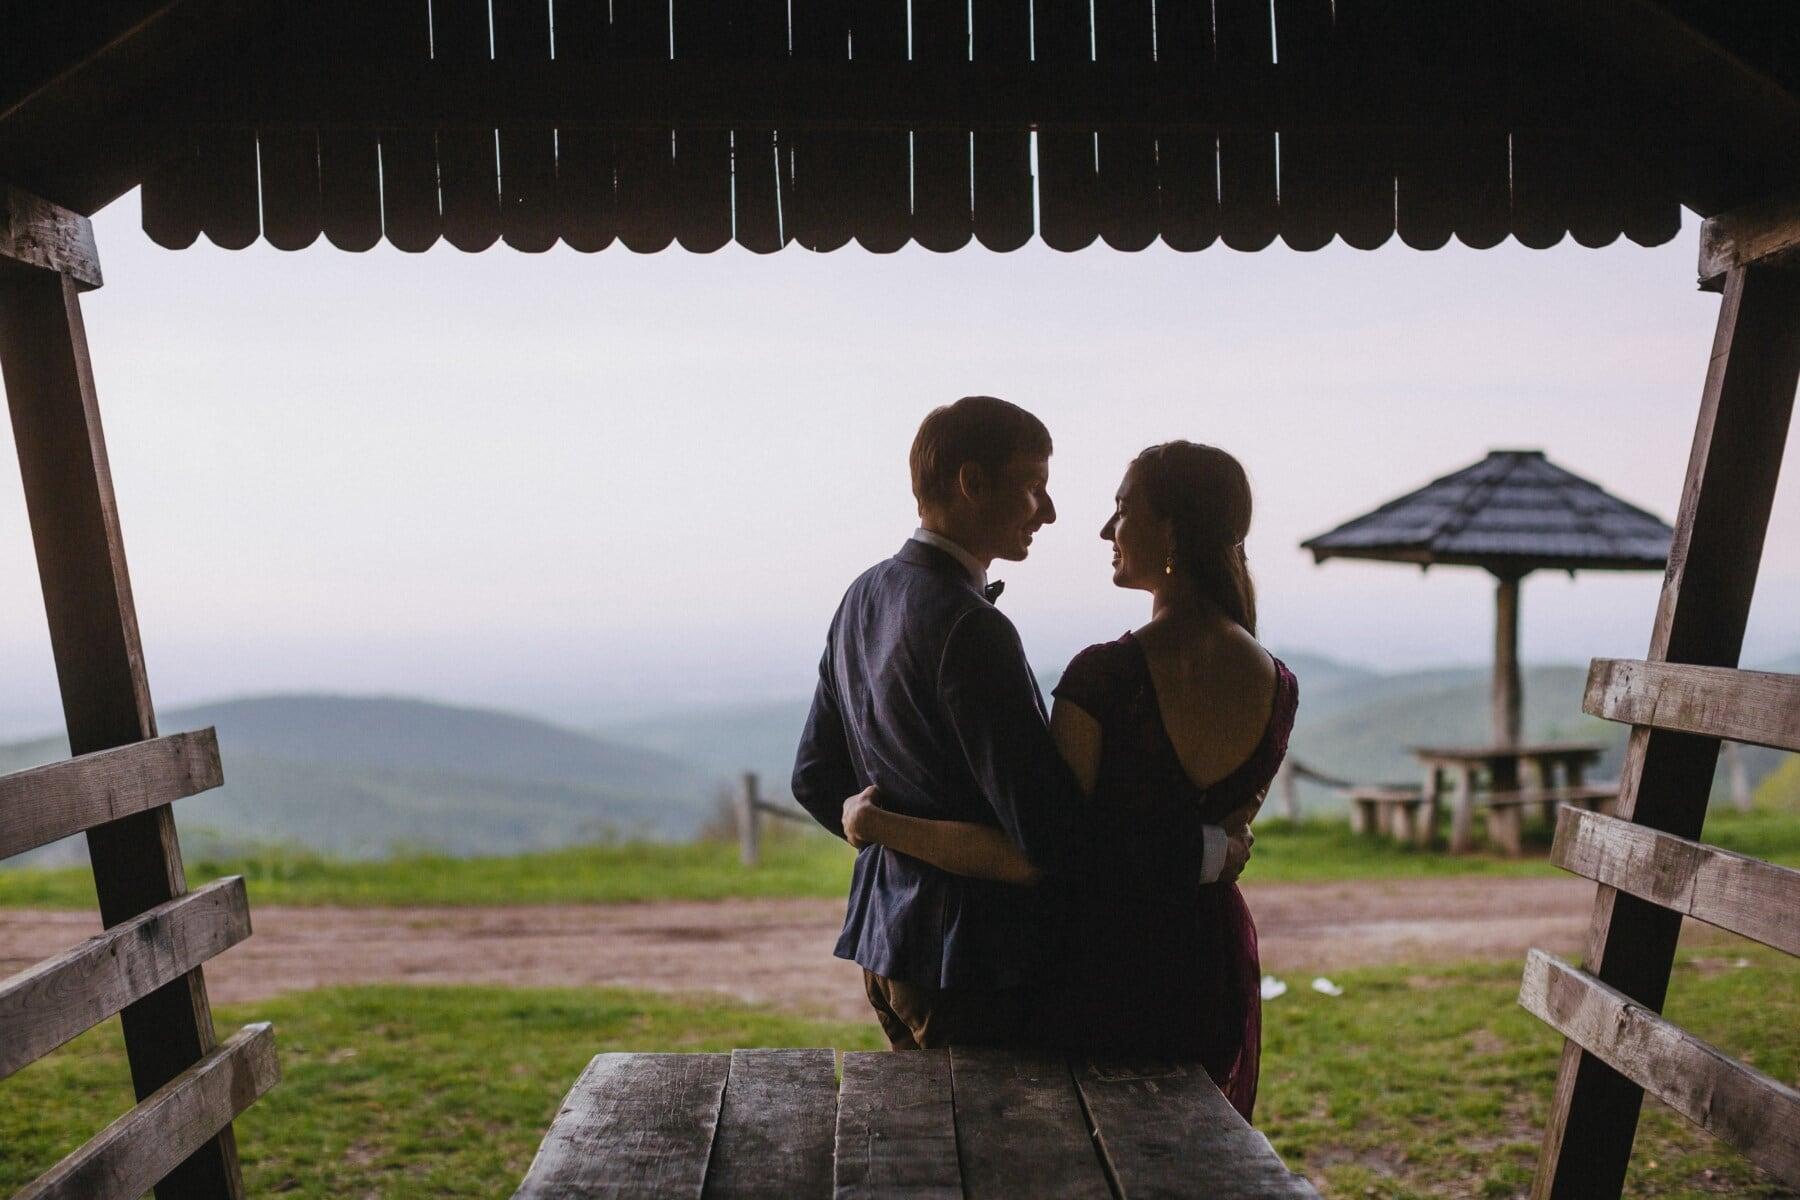 Cottage, date d'amour, affection, petit ami, petite amie, étreindre, femme, jeune fille, personne, gens